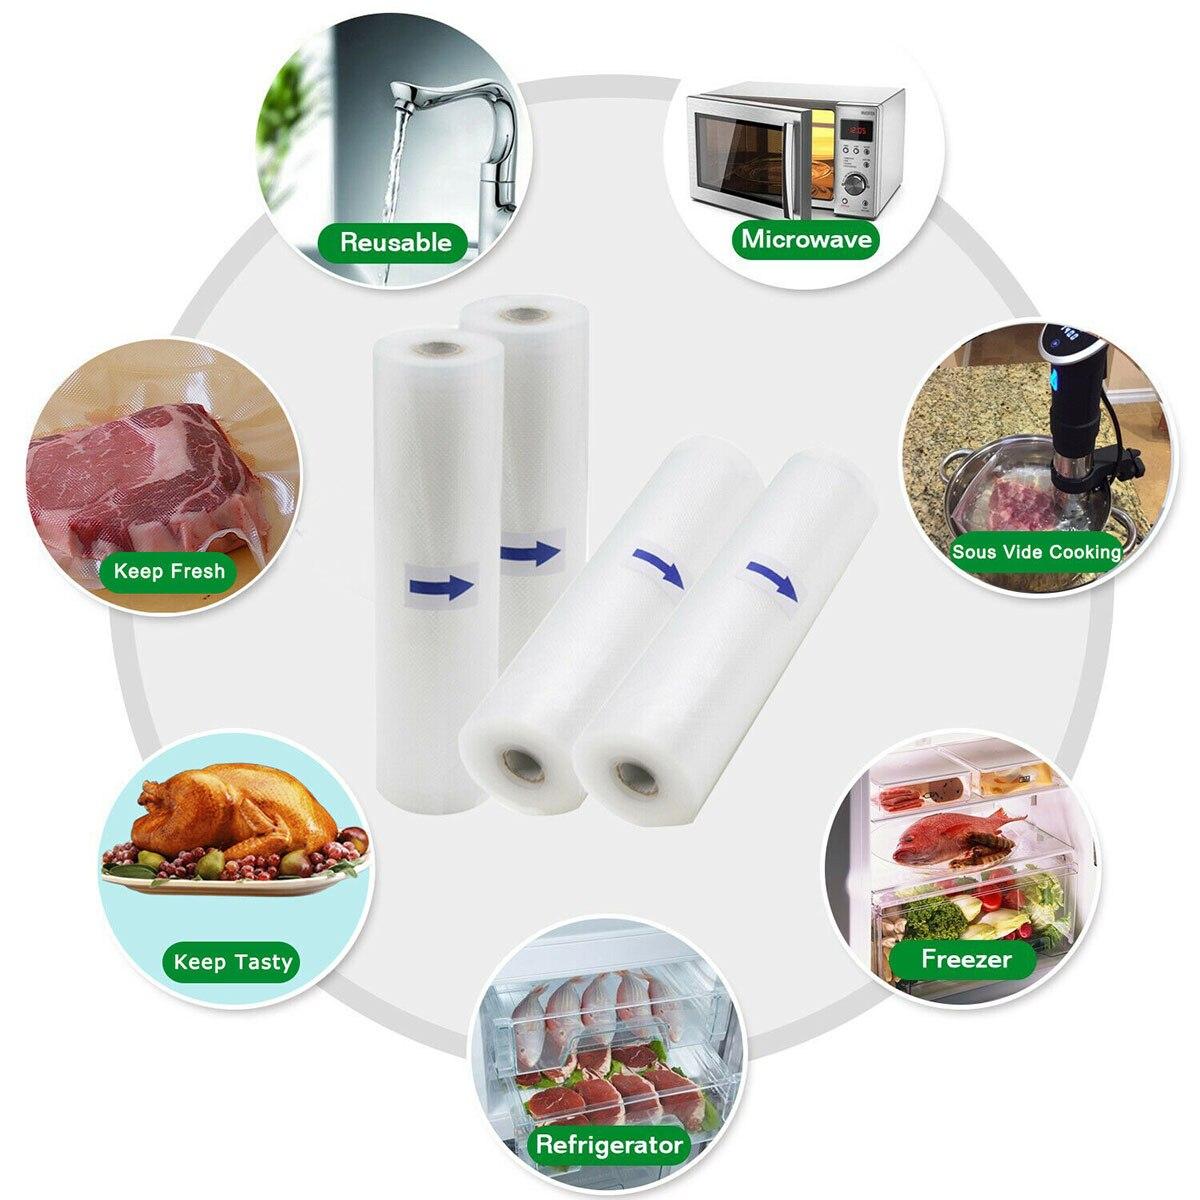 Новинка, 4 рулона, 20 м, кухонный вакуумный упаковщик для еды, сумка для хранения, рулон, мешок для уплотнения пищевых продуктов, сумка для хранения продуктов, 28X500 см